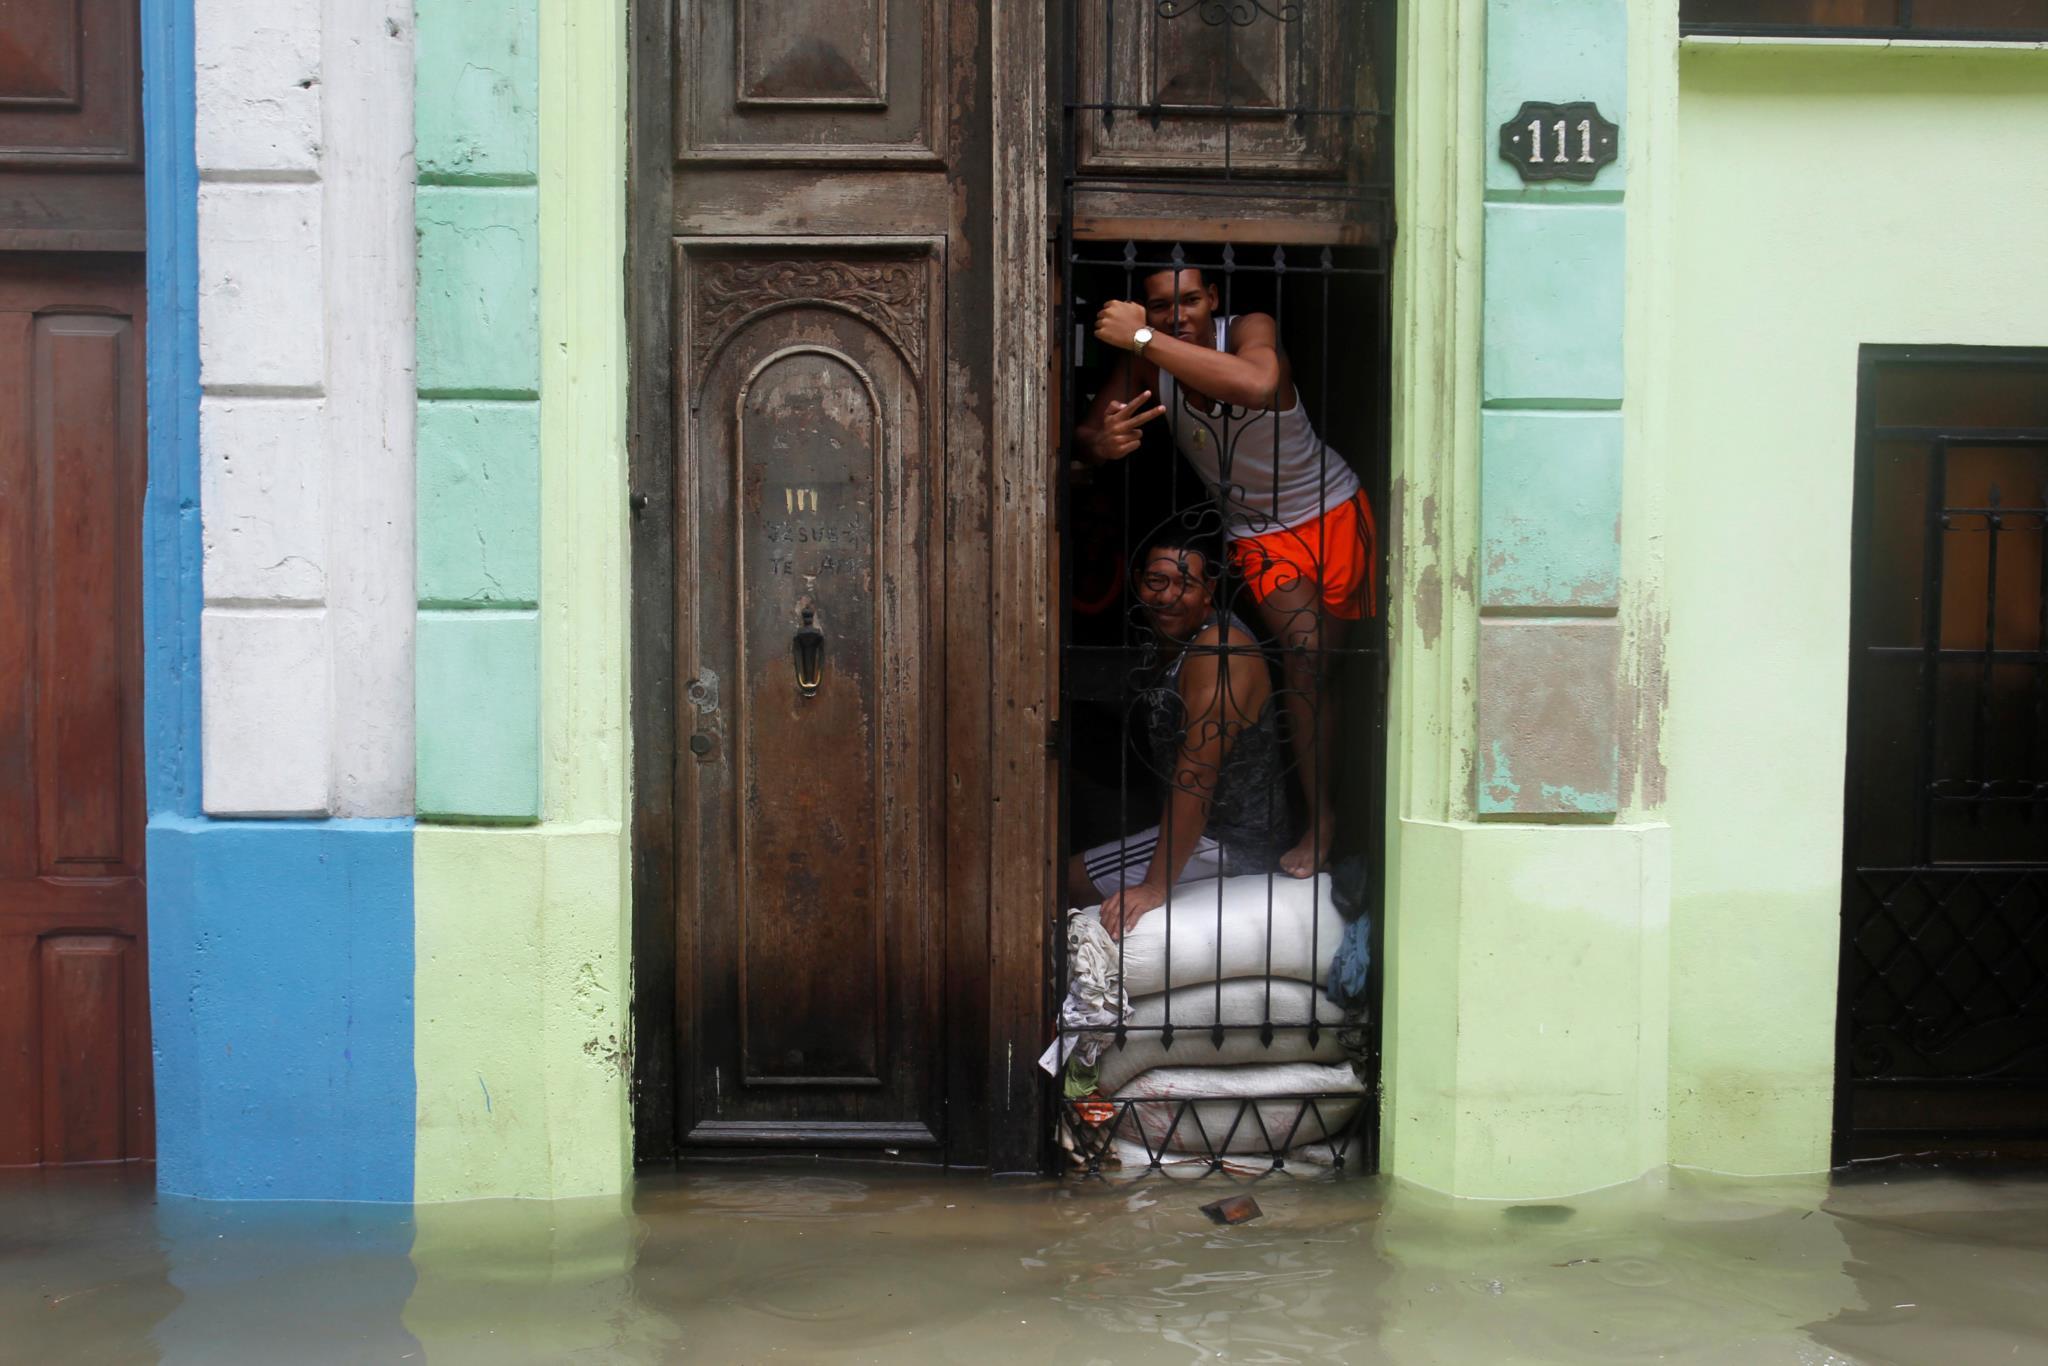 Os efeitos da passagem do furacão em Havana, Cuba